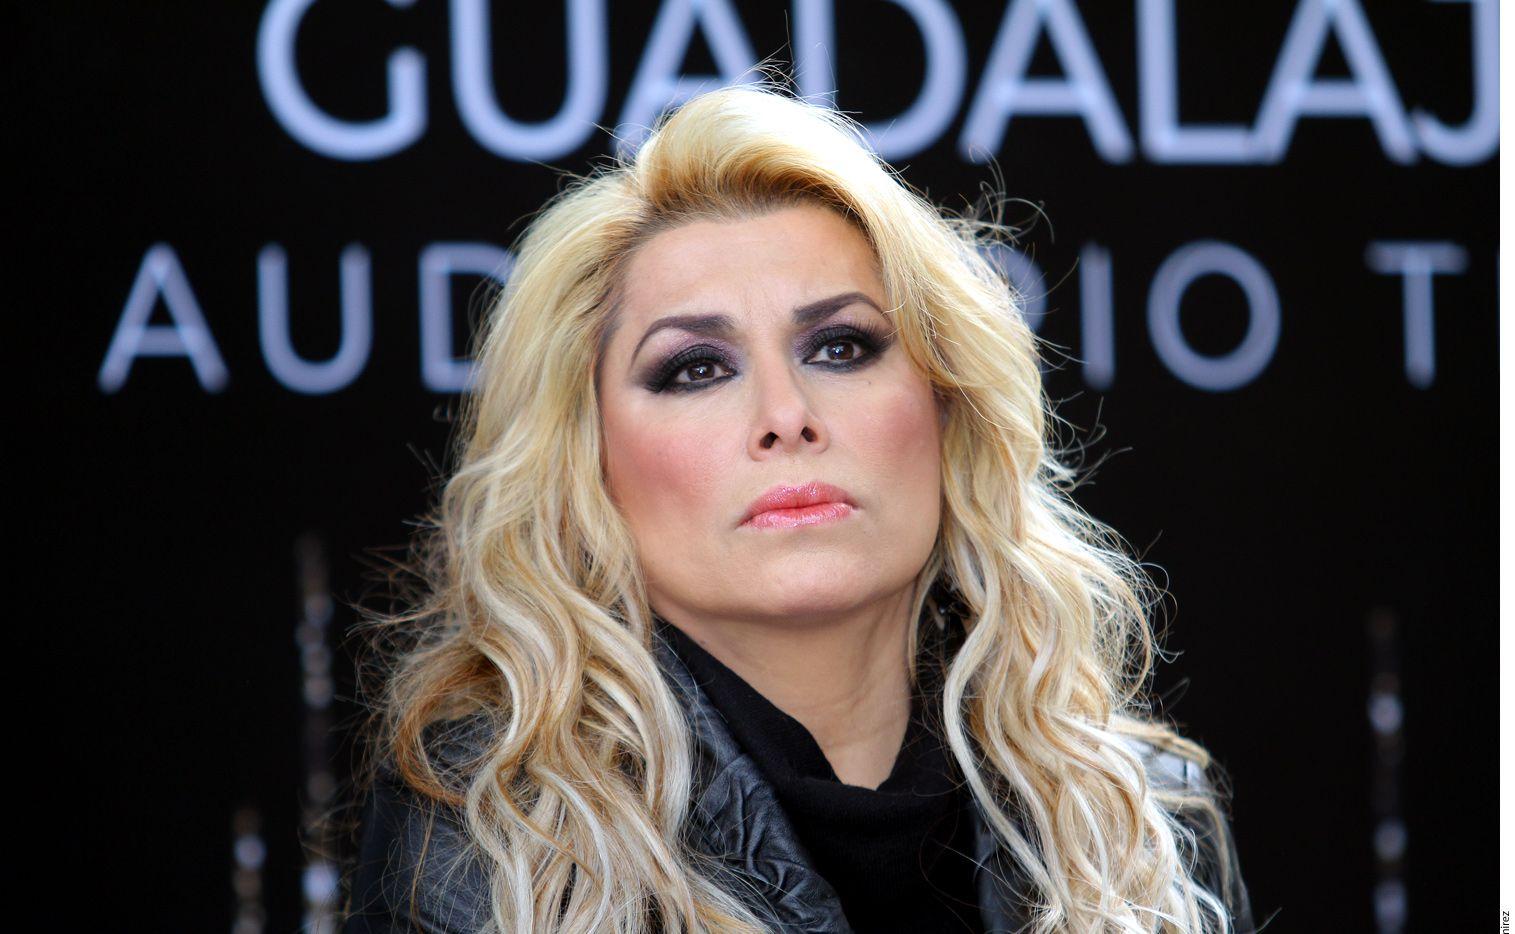 La cantante Dulce ha estado presionada por abrir un restaurante y por sus presentaciones musicales. AGENCIA REFORMA.